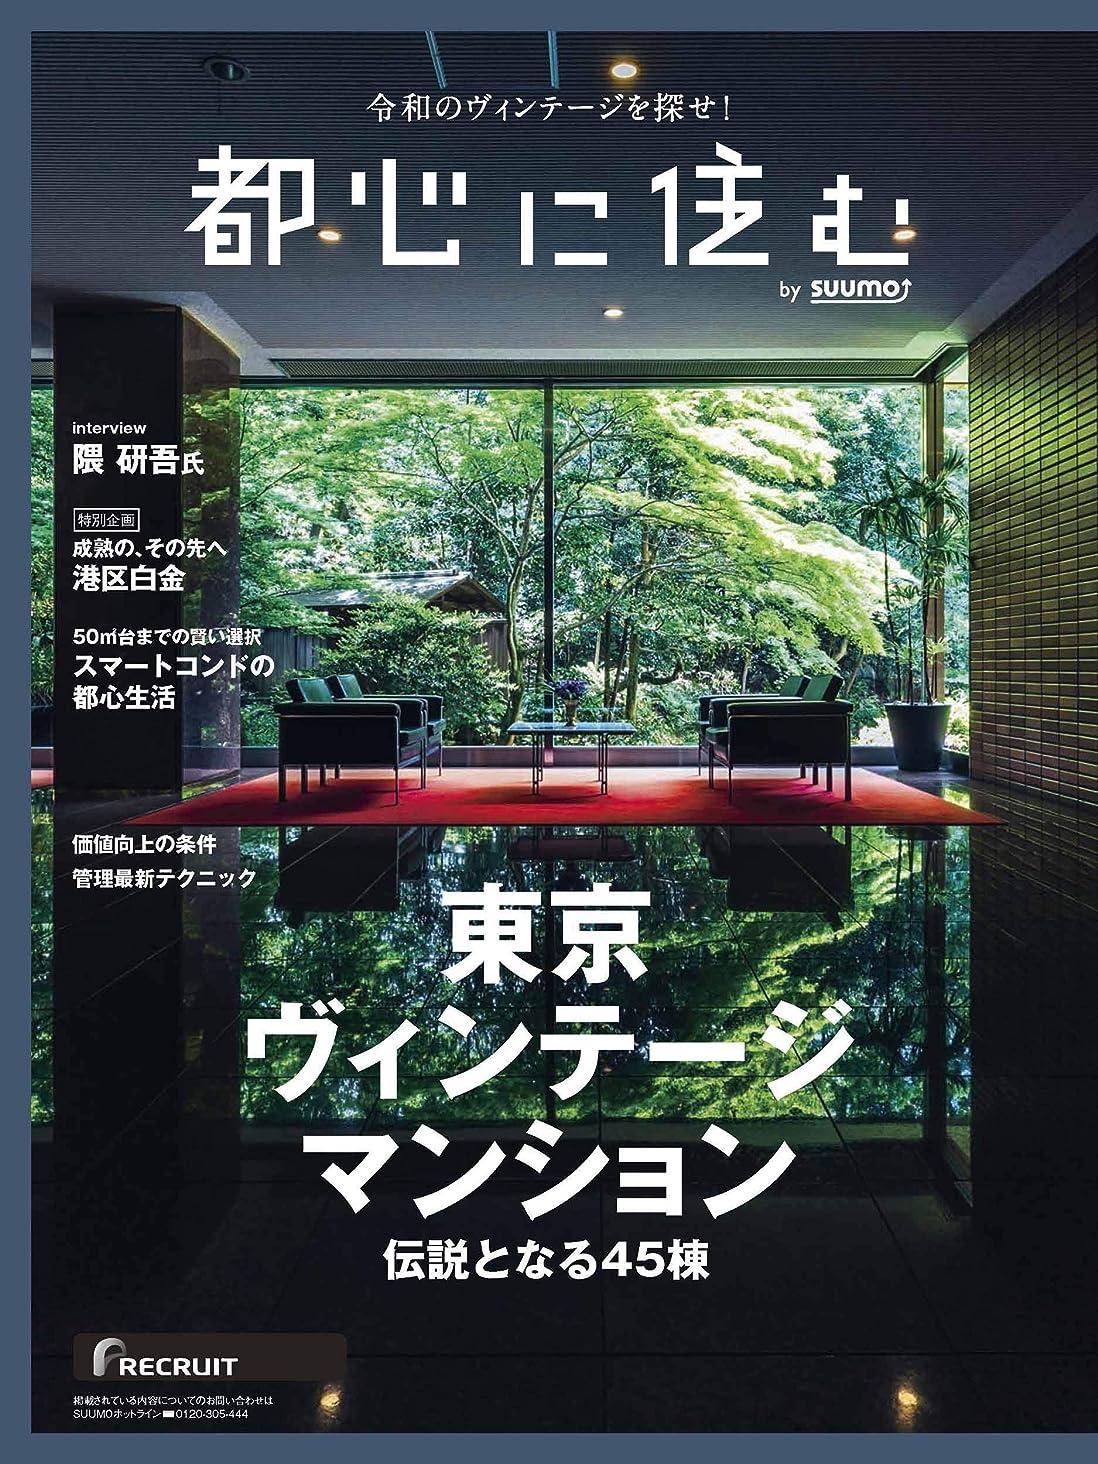 戦術誘発する聖人都心に住む by SUUMO 2019年 08月号 [雑誌] (バイスーモ)